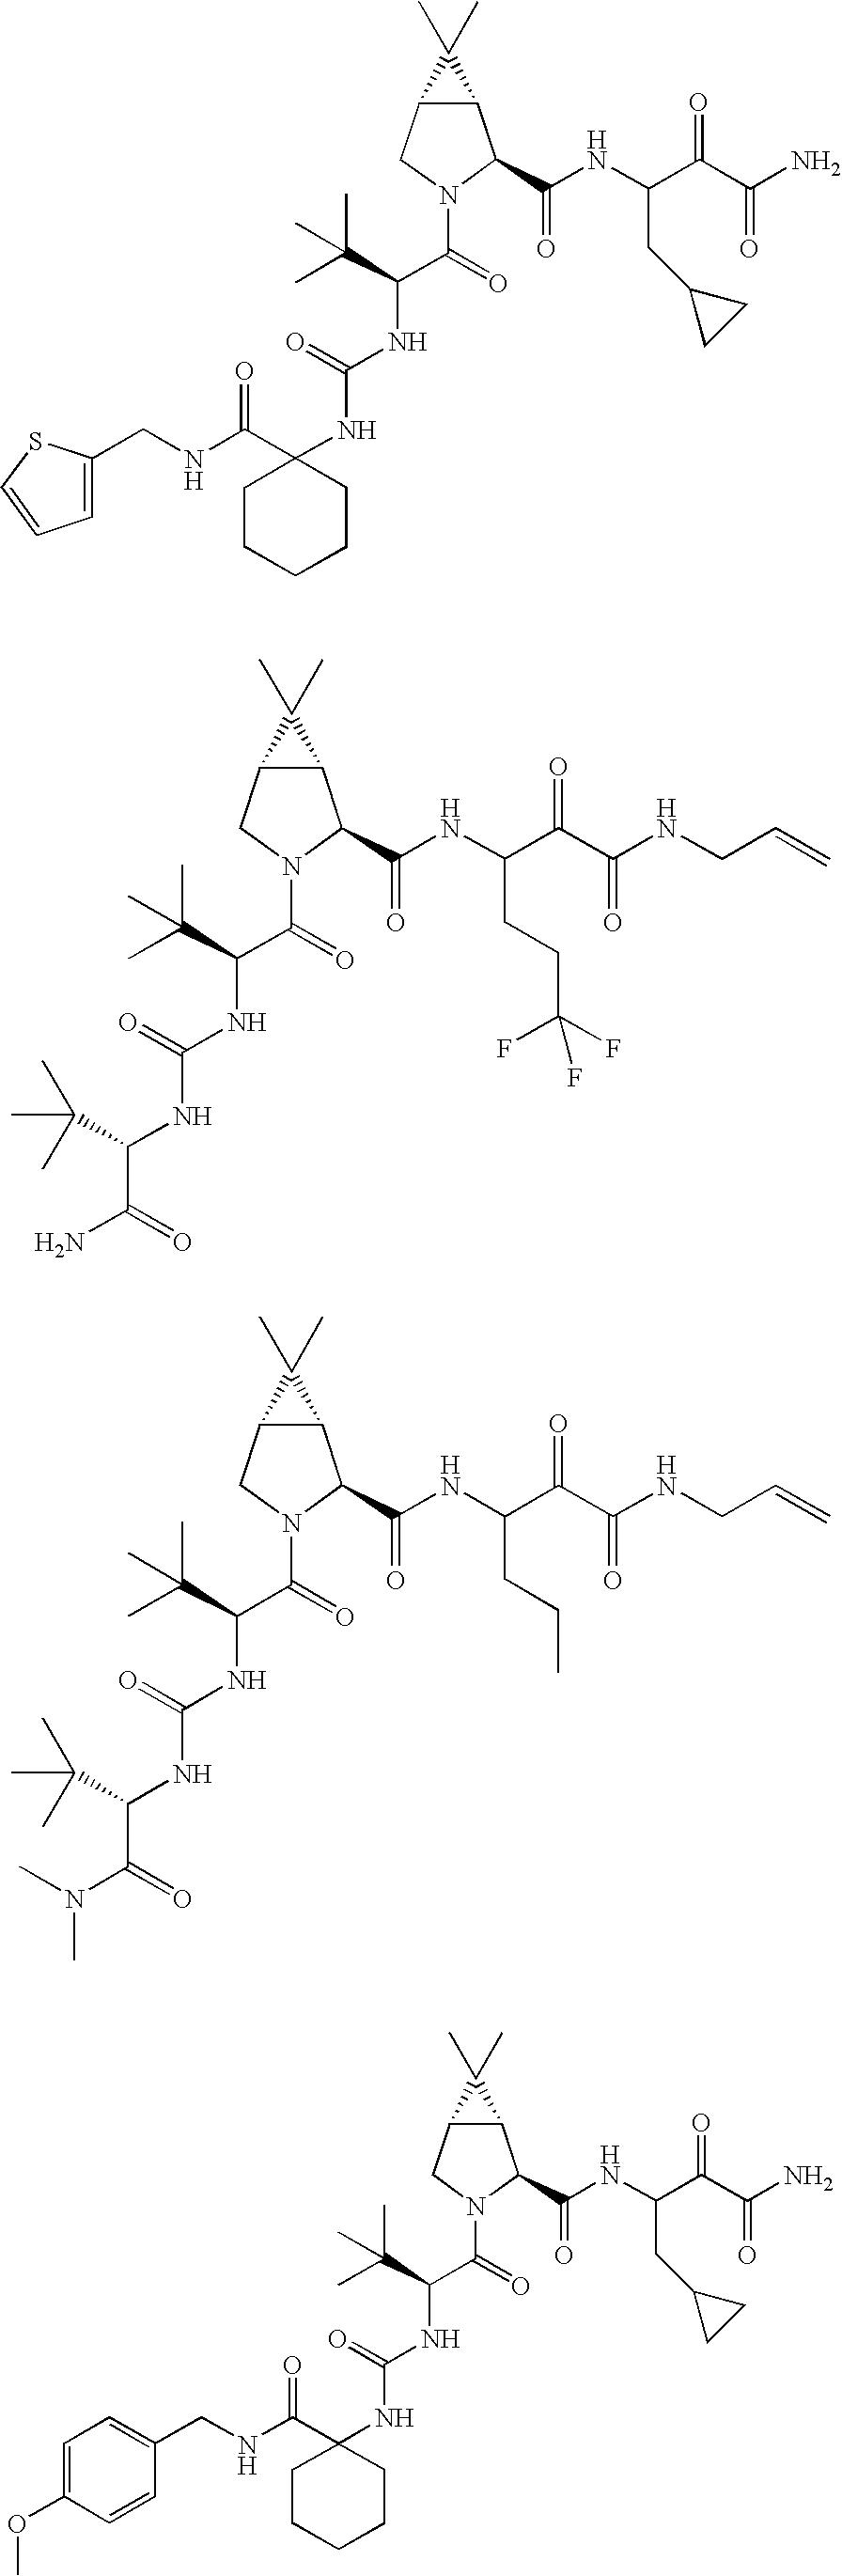 Figure US20060287248A1-20061221-C00326